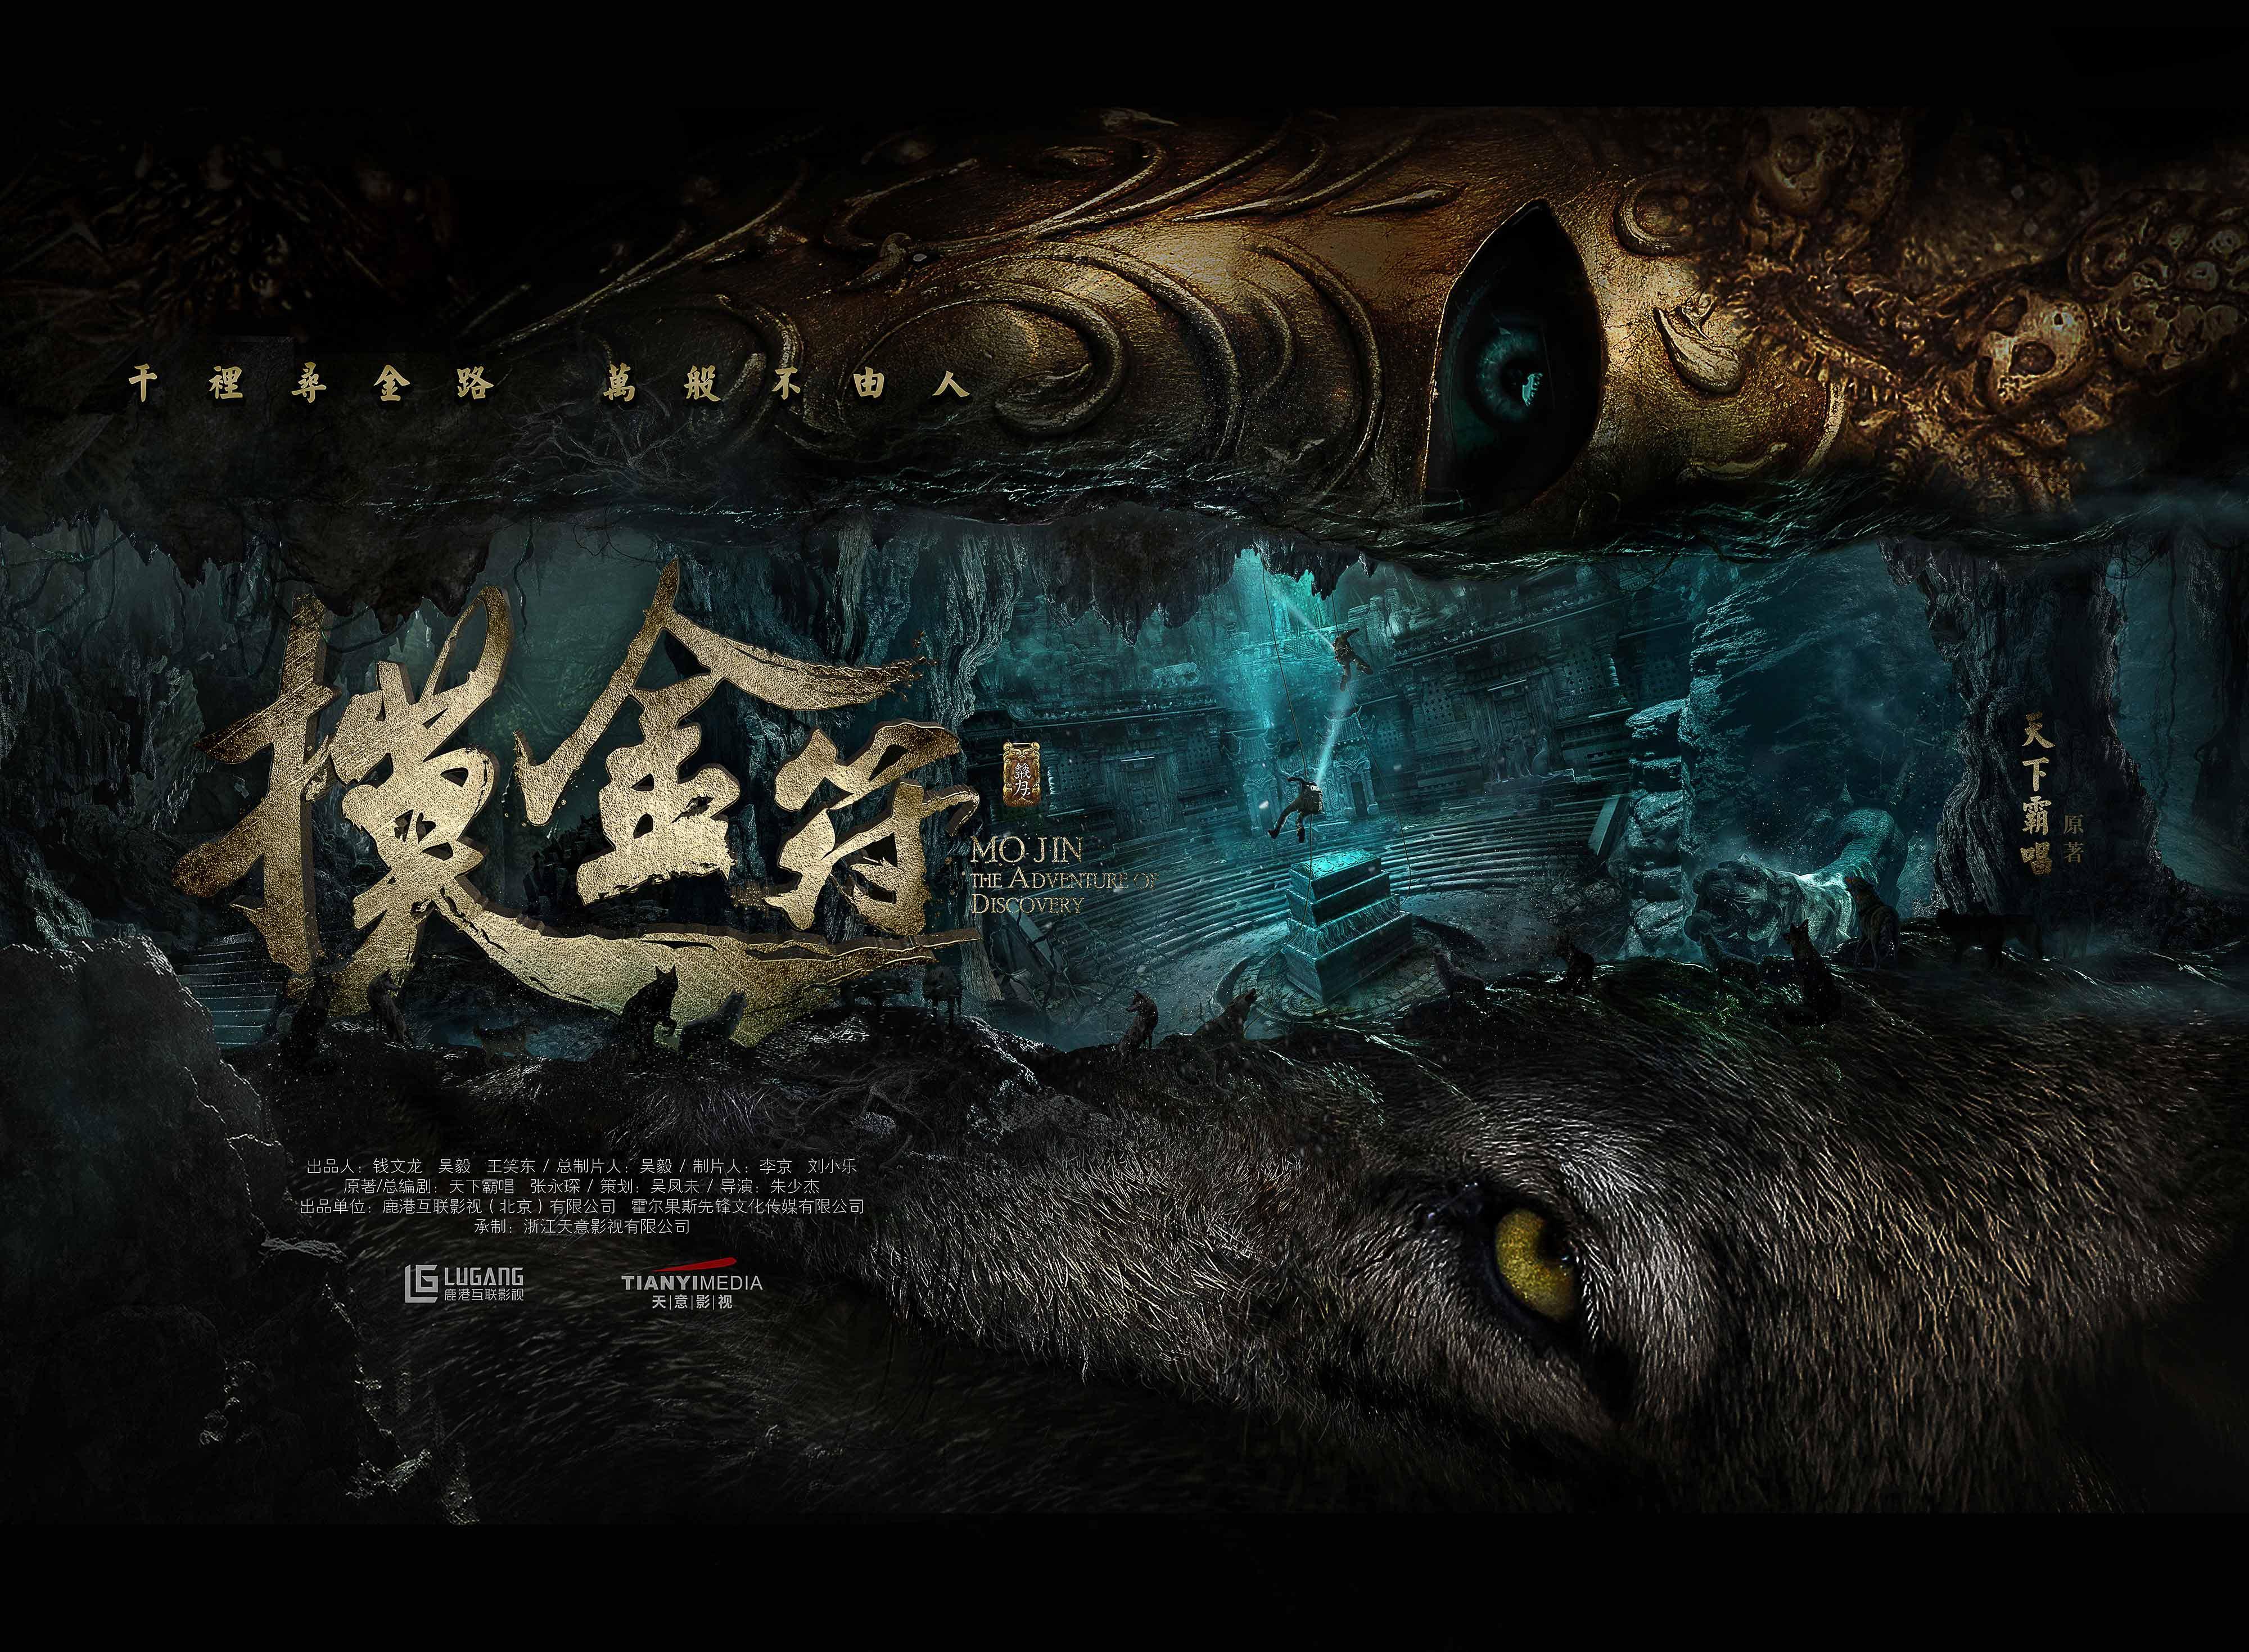 天意影视带来五大剧 携《一步登天》亮相北京电视节